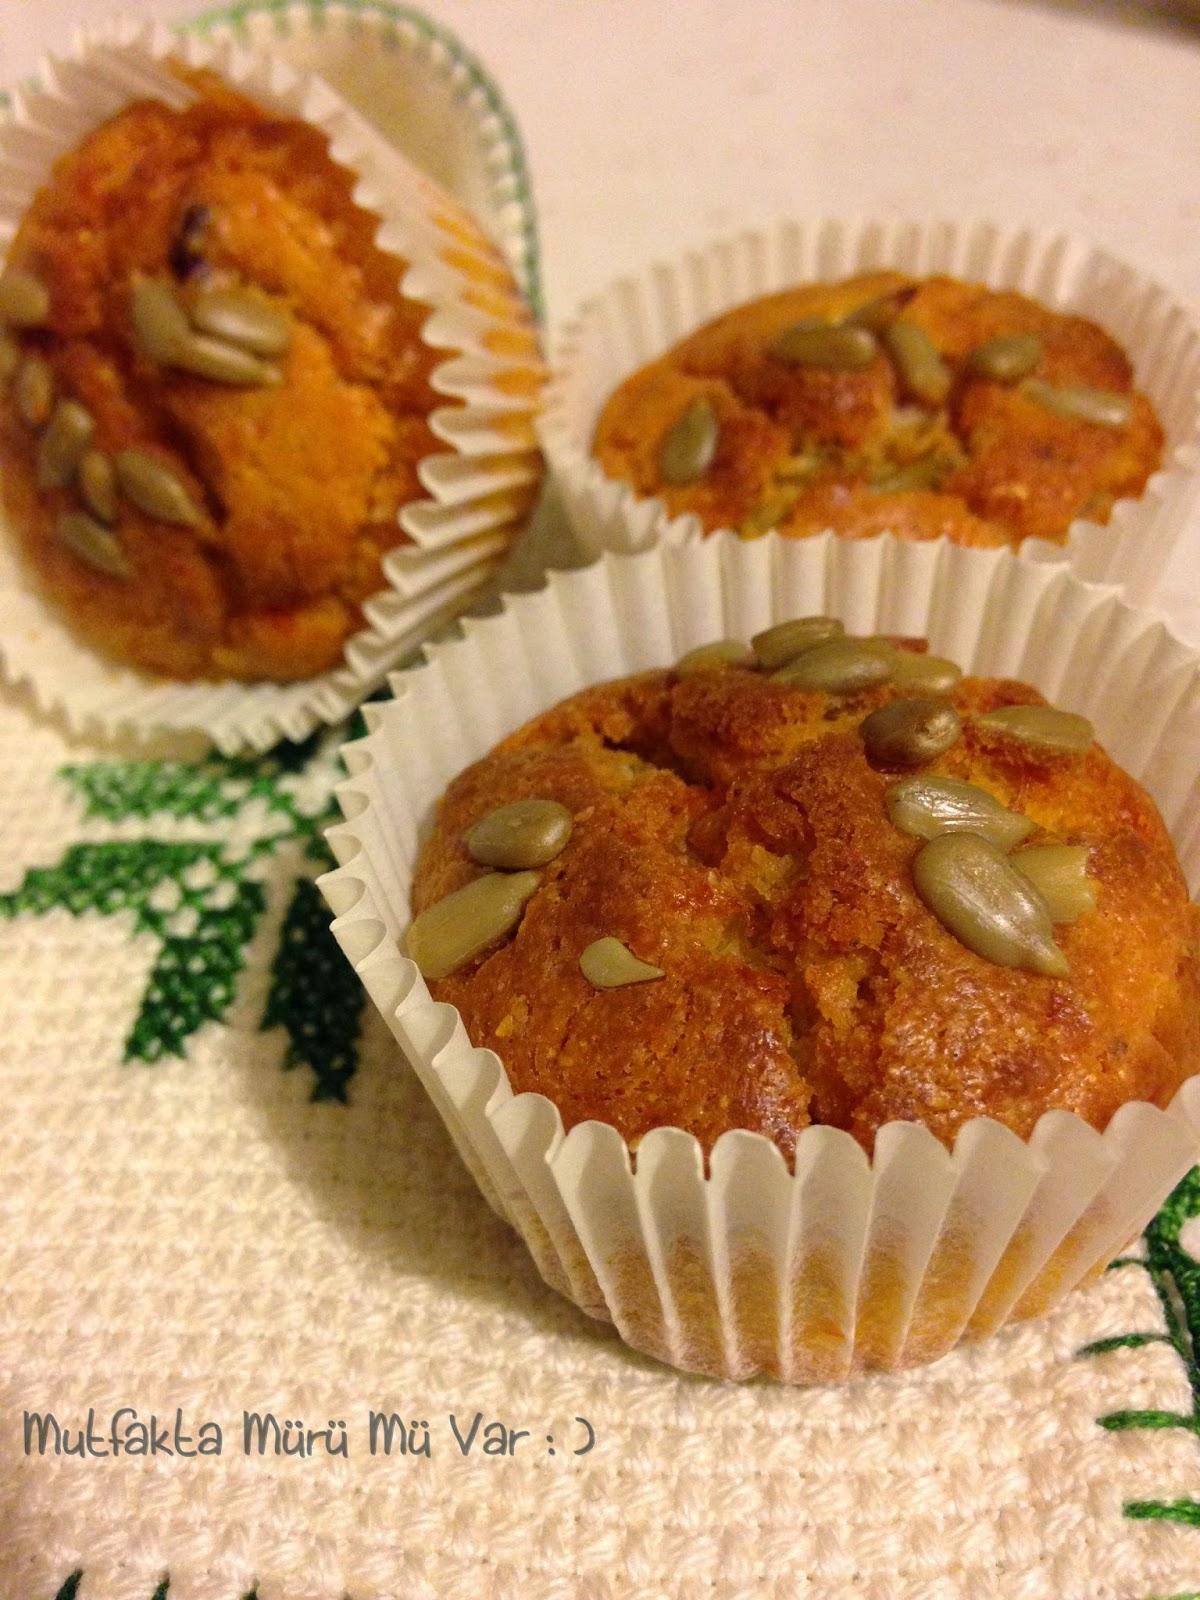 Mısır Unlu Muffin